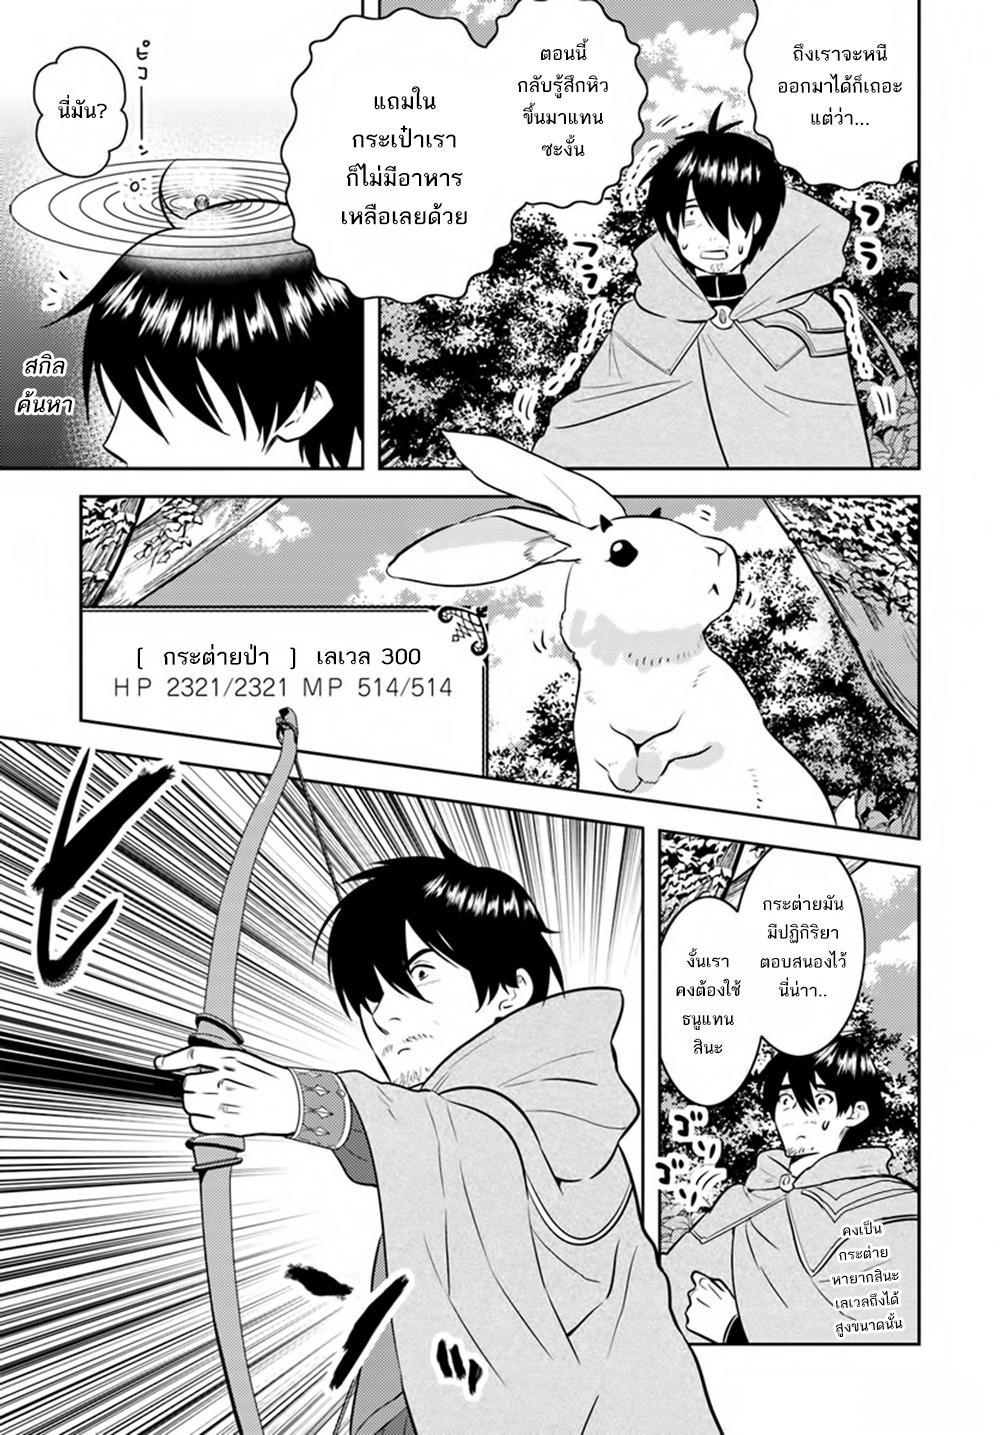 อ่านการ์ตูน Arafoo Kenja no Isekai Seikatsu Nikki ตอนที่ 2 หน้าที่ 5